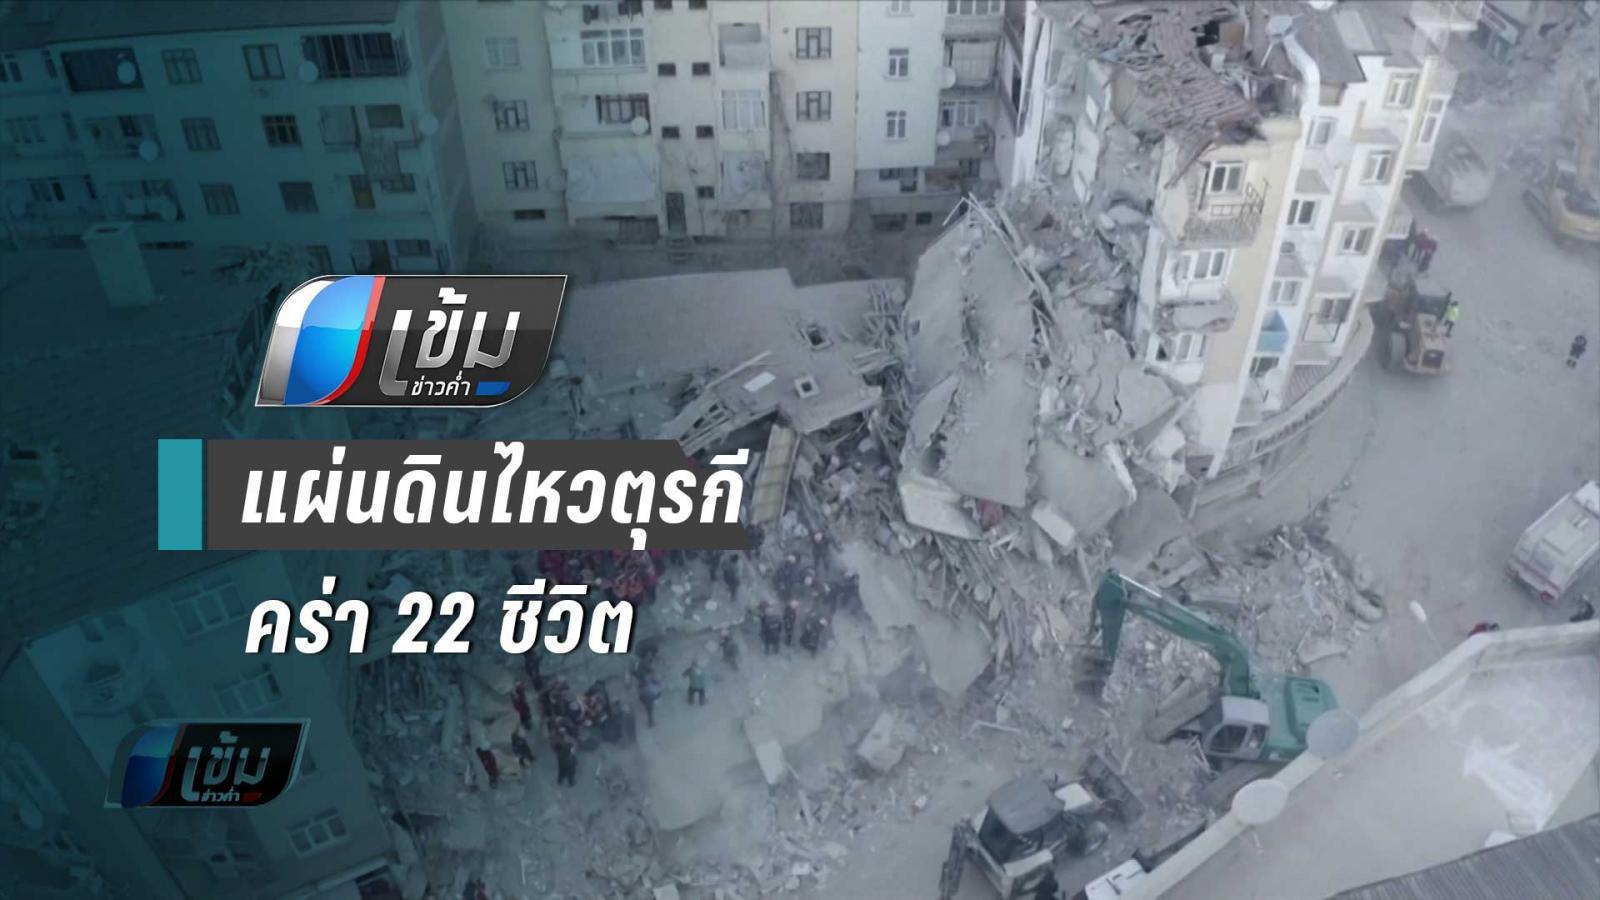 ตุรกีเร่งค้นหาผู้รอดชีวิตแผ่นดินไหว 6.7 คร่าแล้ว 22 คน